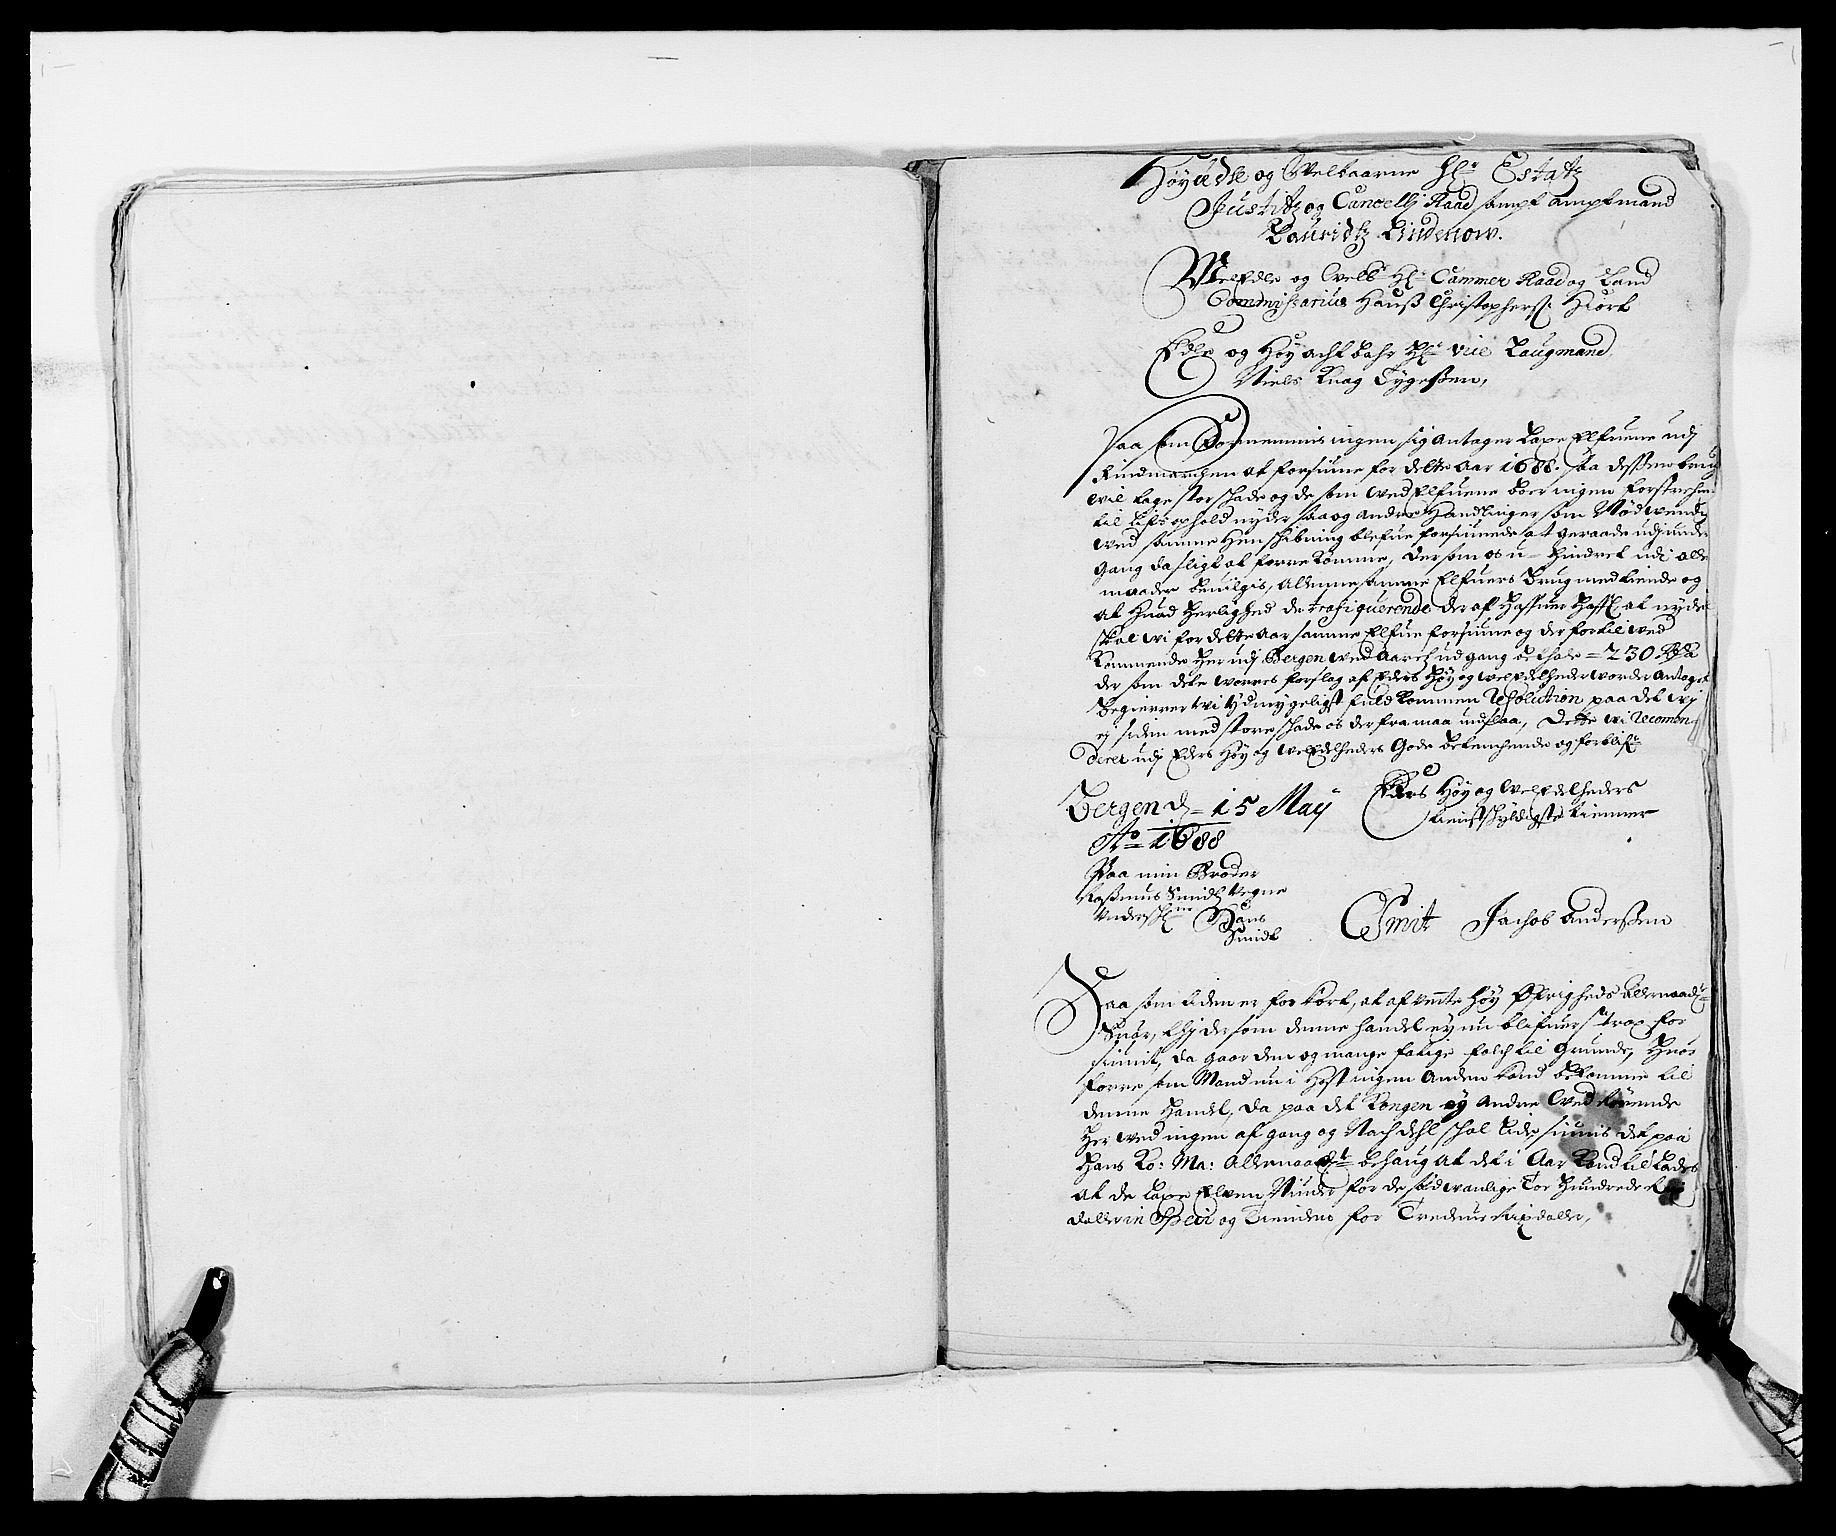 RA, Rentekammeret inntil 1814, Reviderte regnskaper, Fogderegnskap, R69/L4850: Fogderegnskap Finnmark/Vardøhus, 1680-1690, s. 93